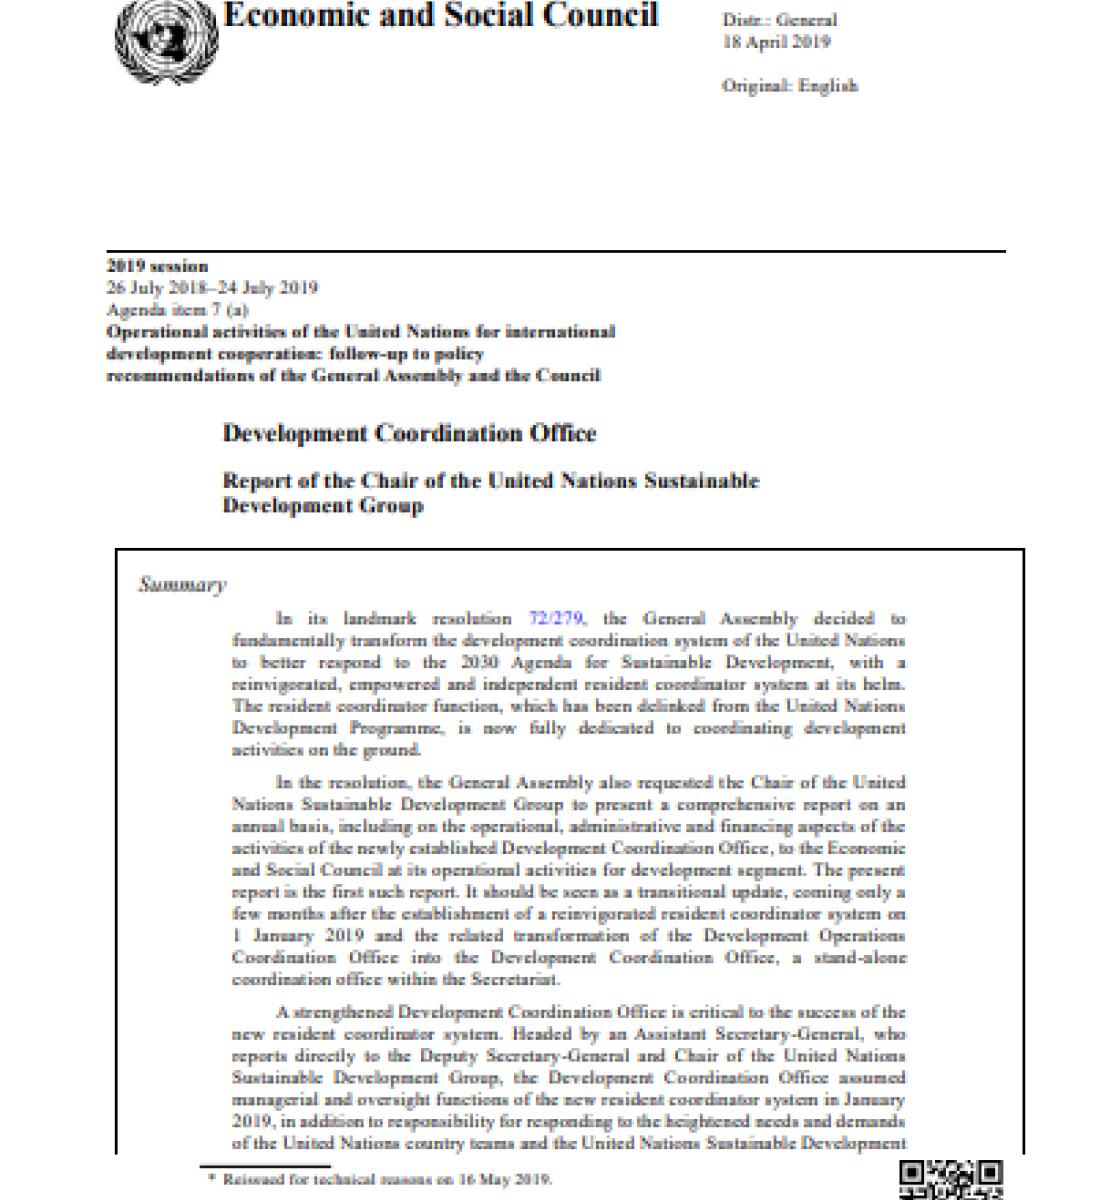 Rapport du Président du Groupe des Nations Unies pour le développement durable sur le Bureau de la coordination des activités de développement